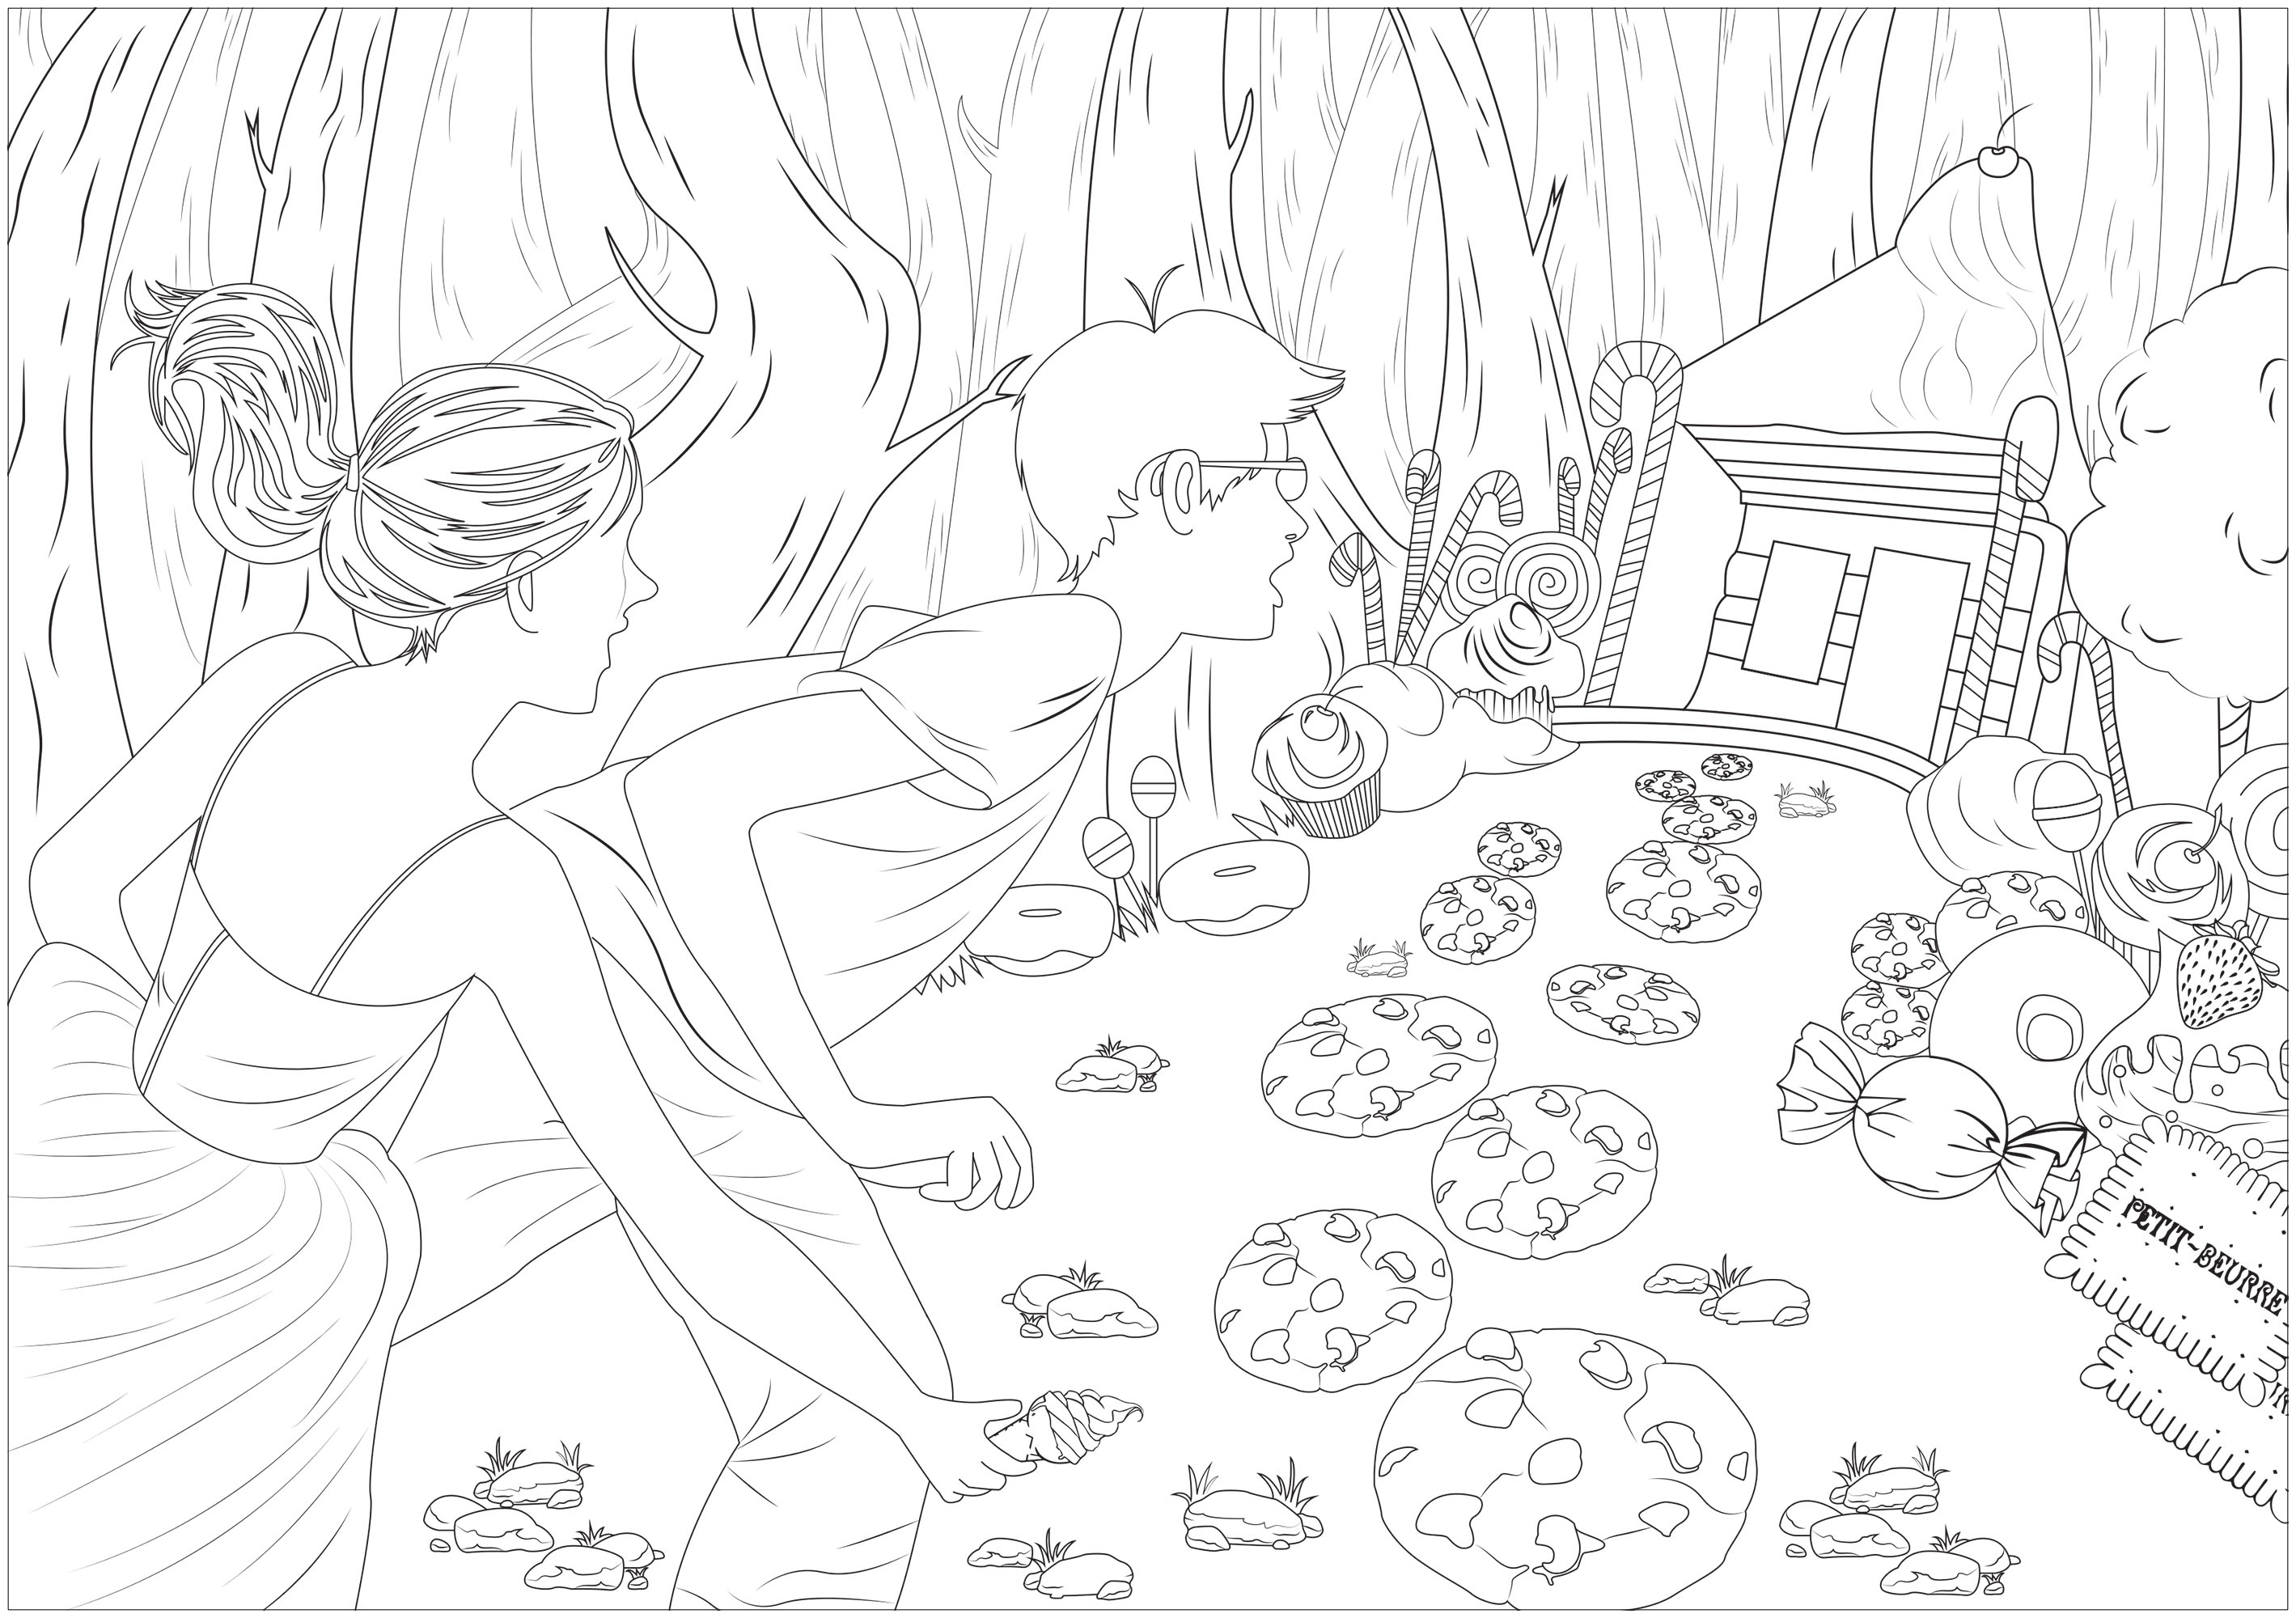 Colorear para Adultos : Fairy tales - 1